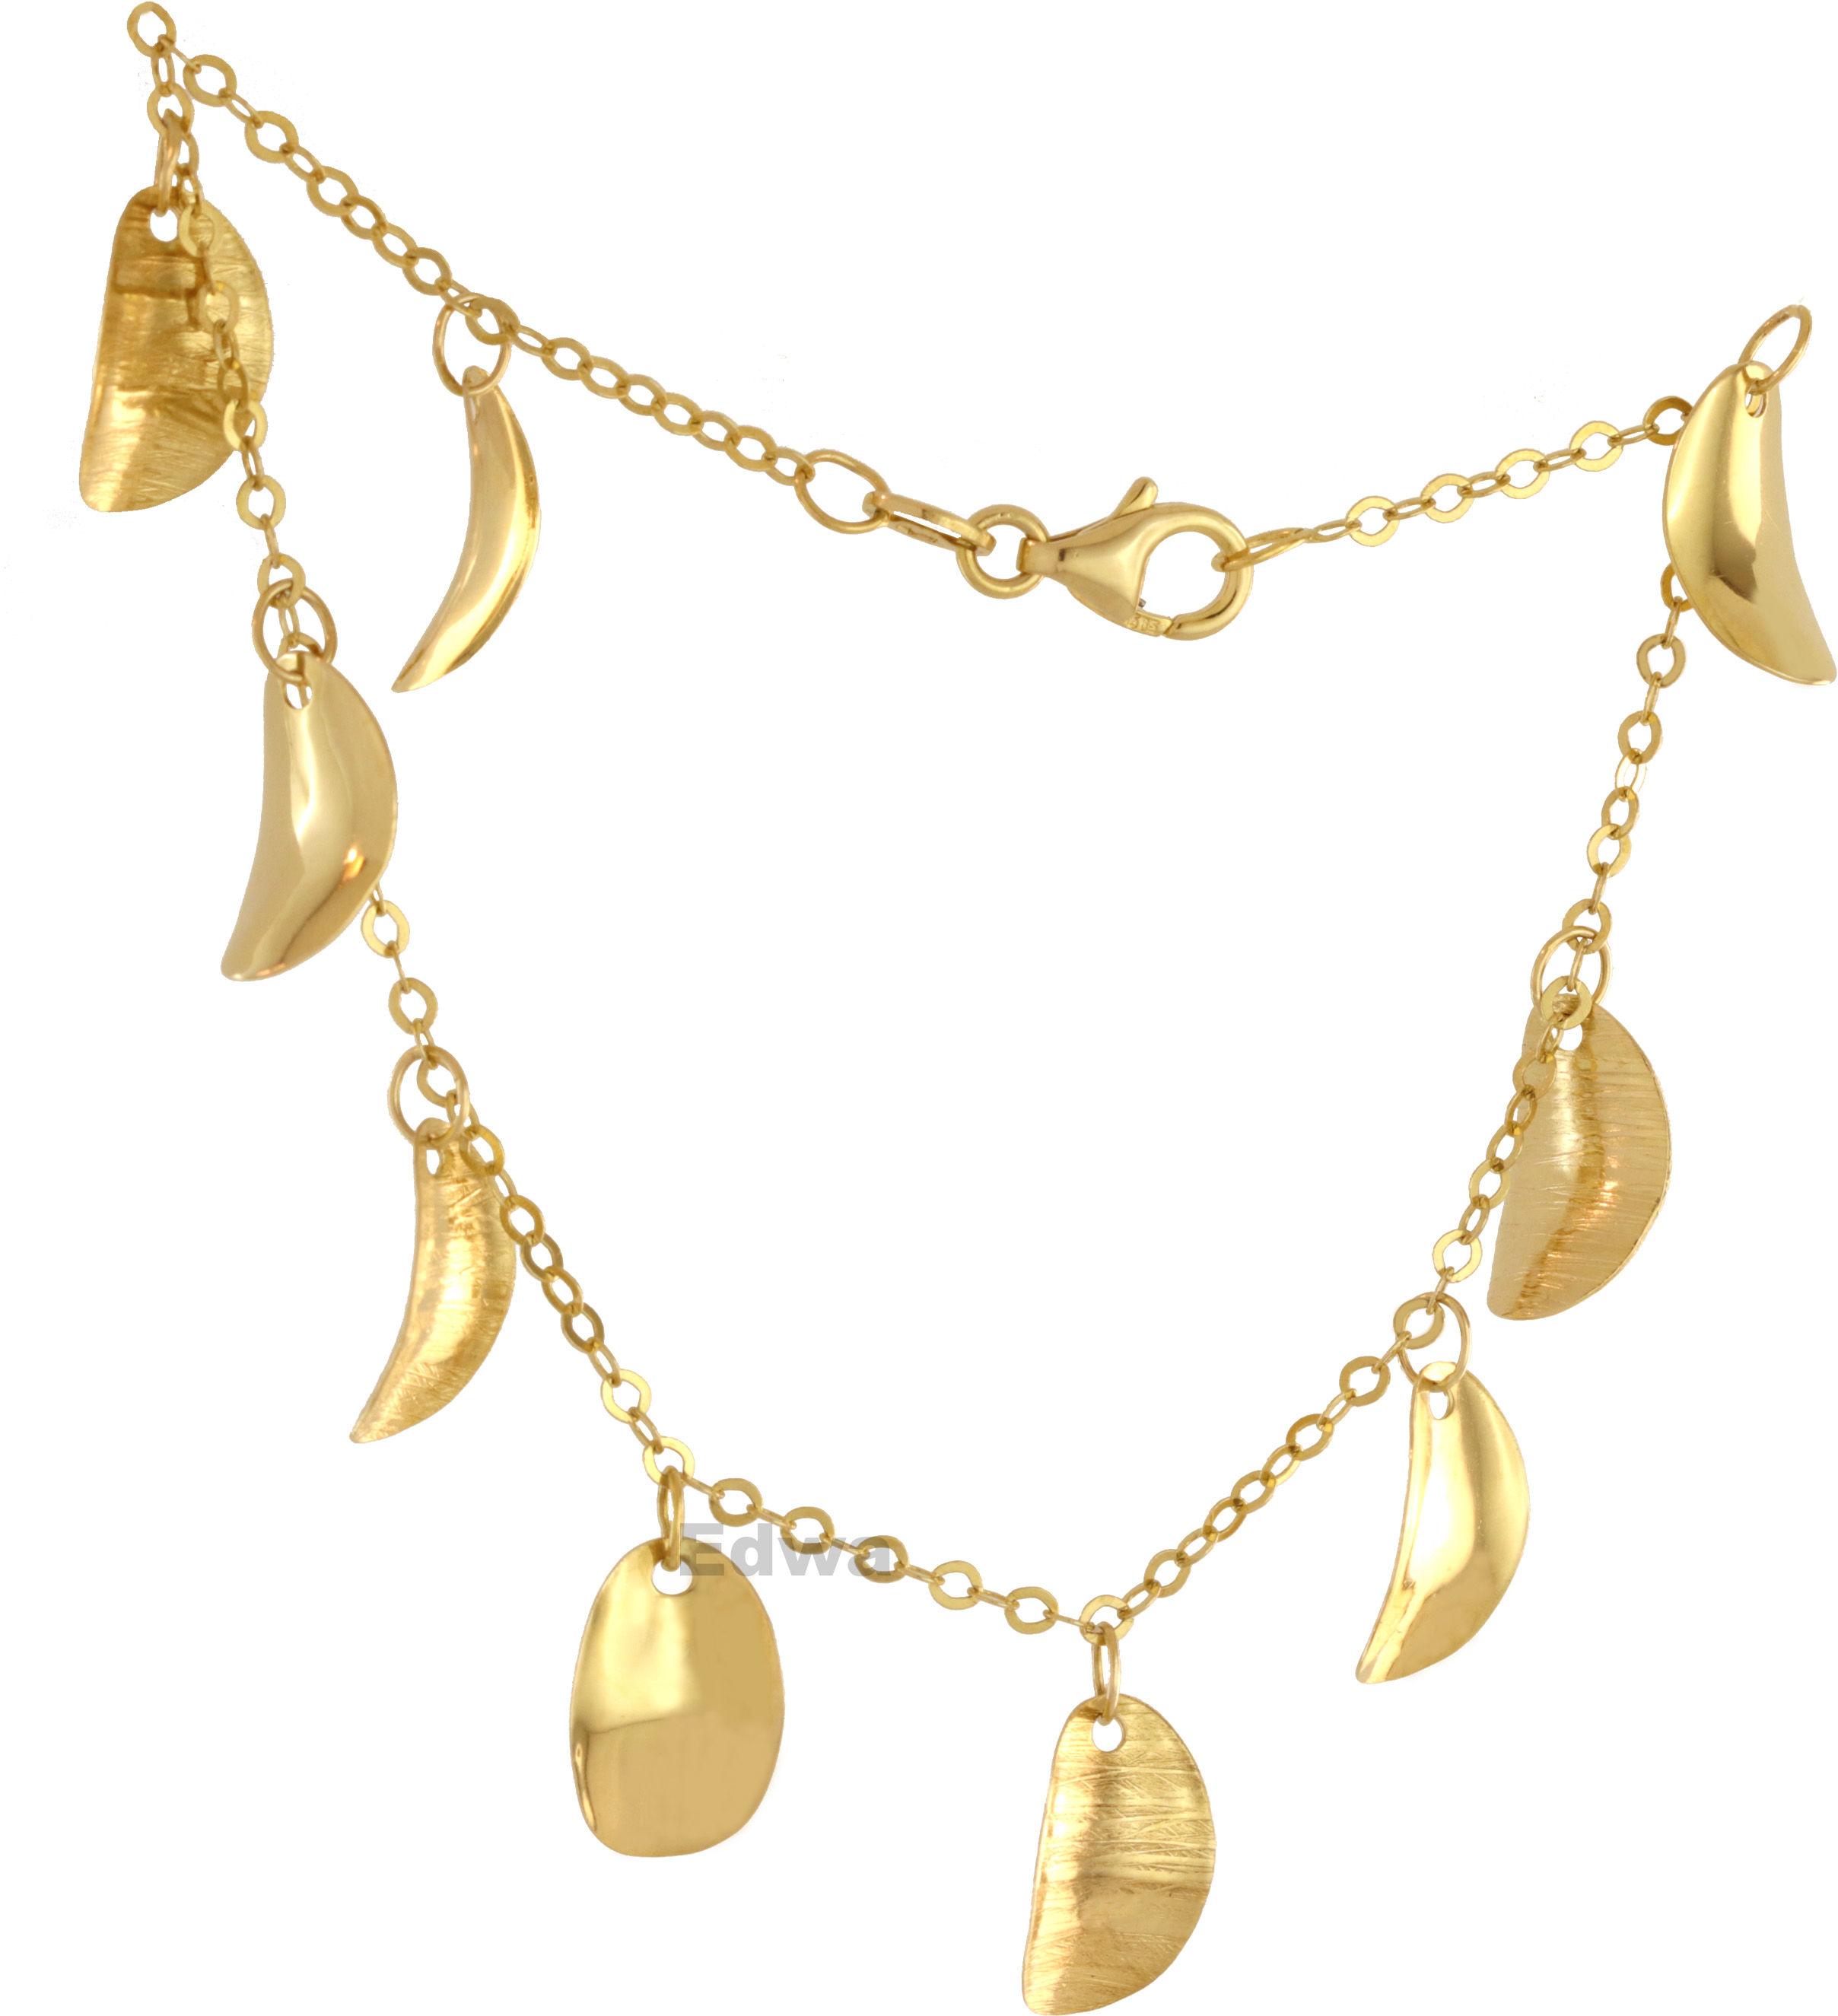 Bransoletka złota z zawieszkami pr.585